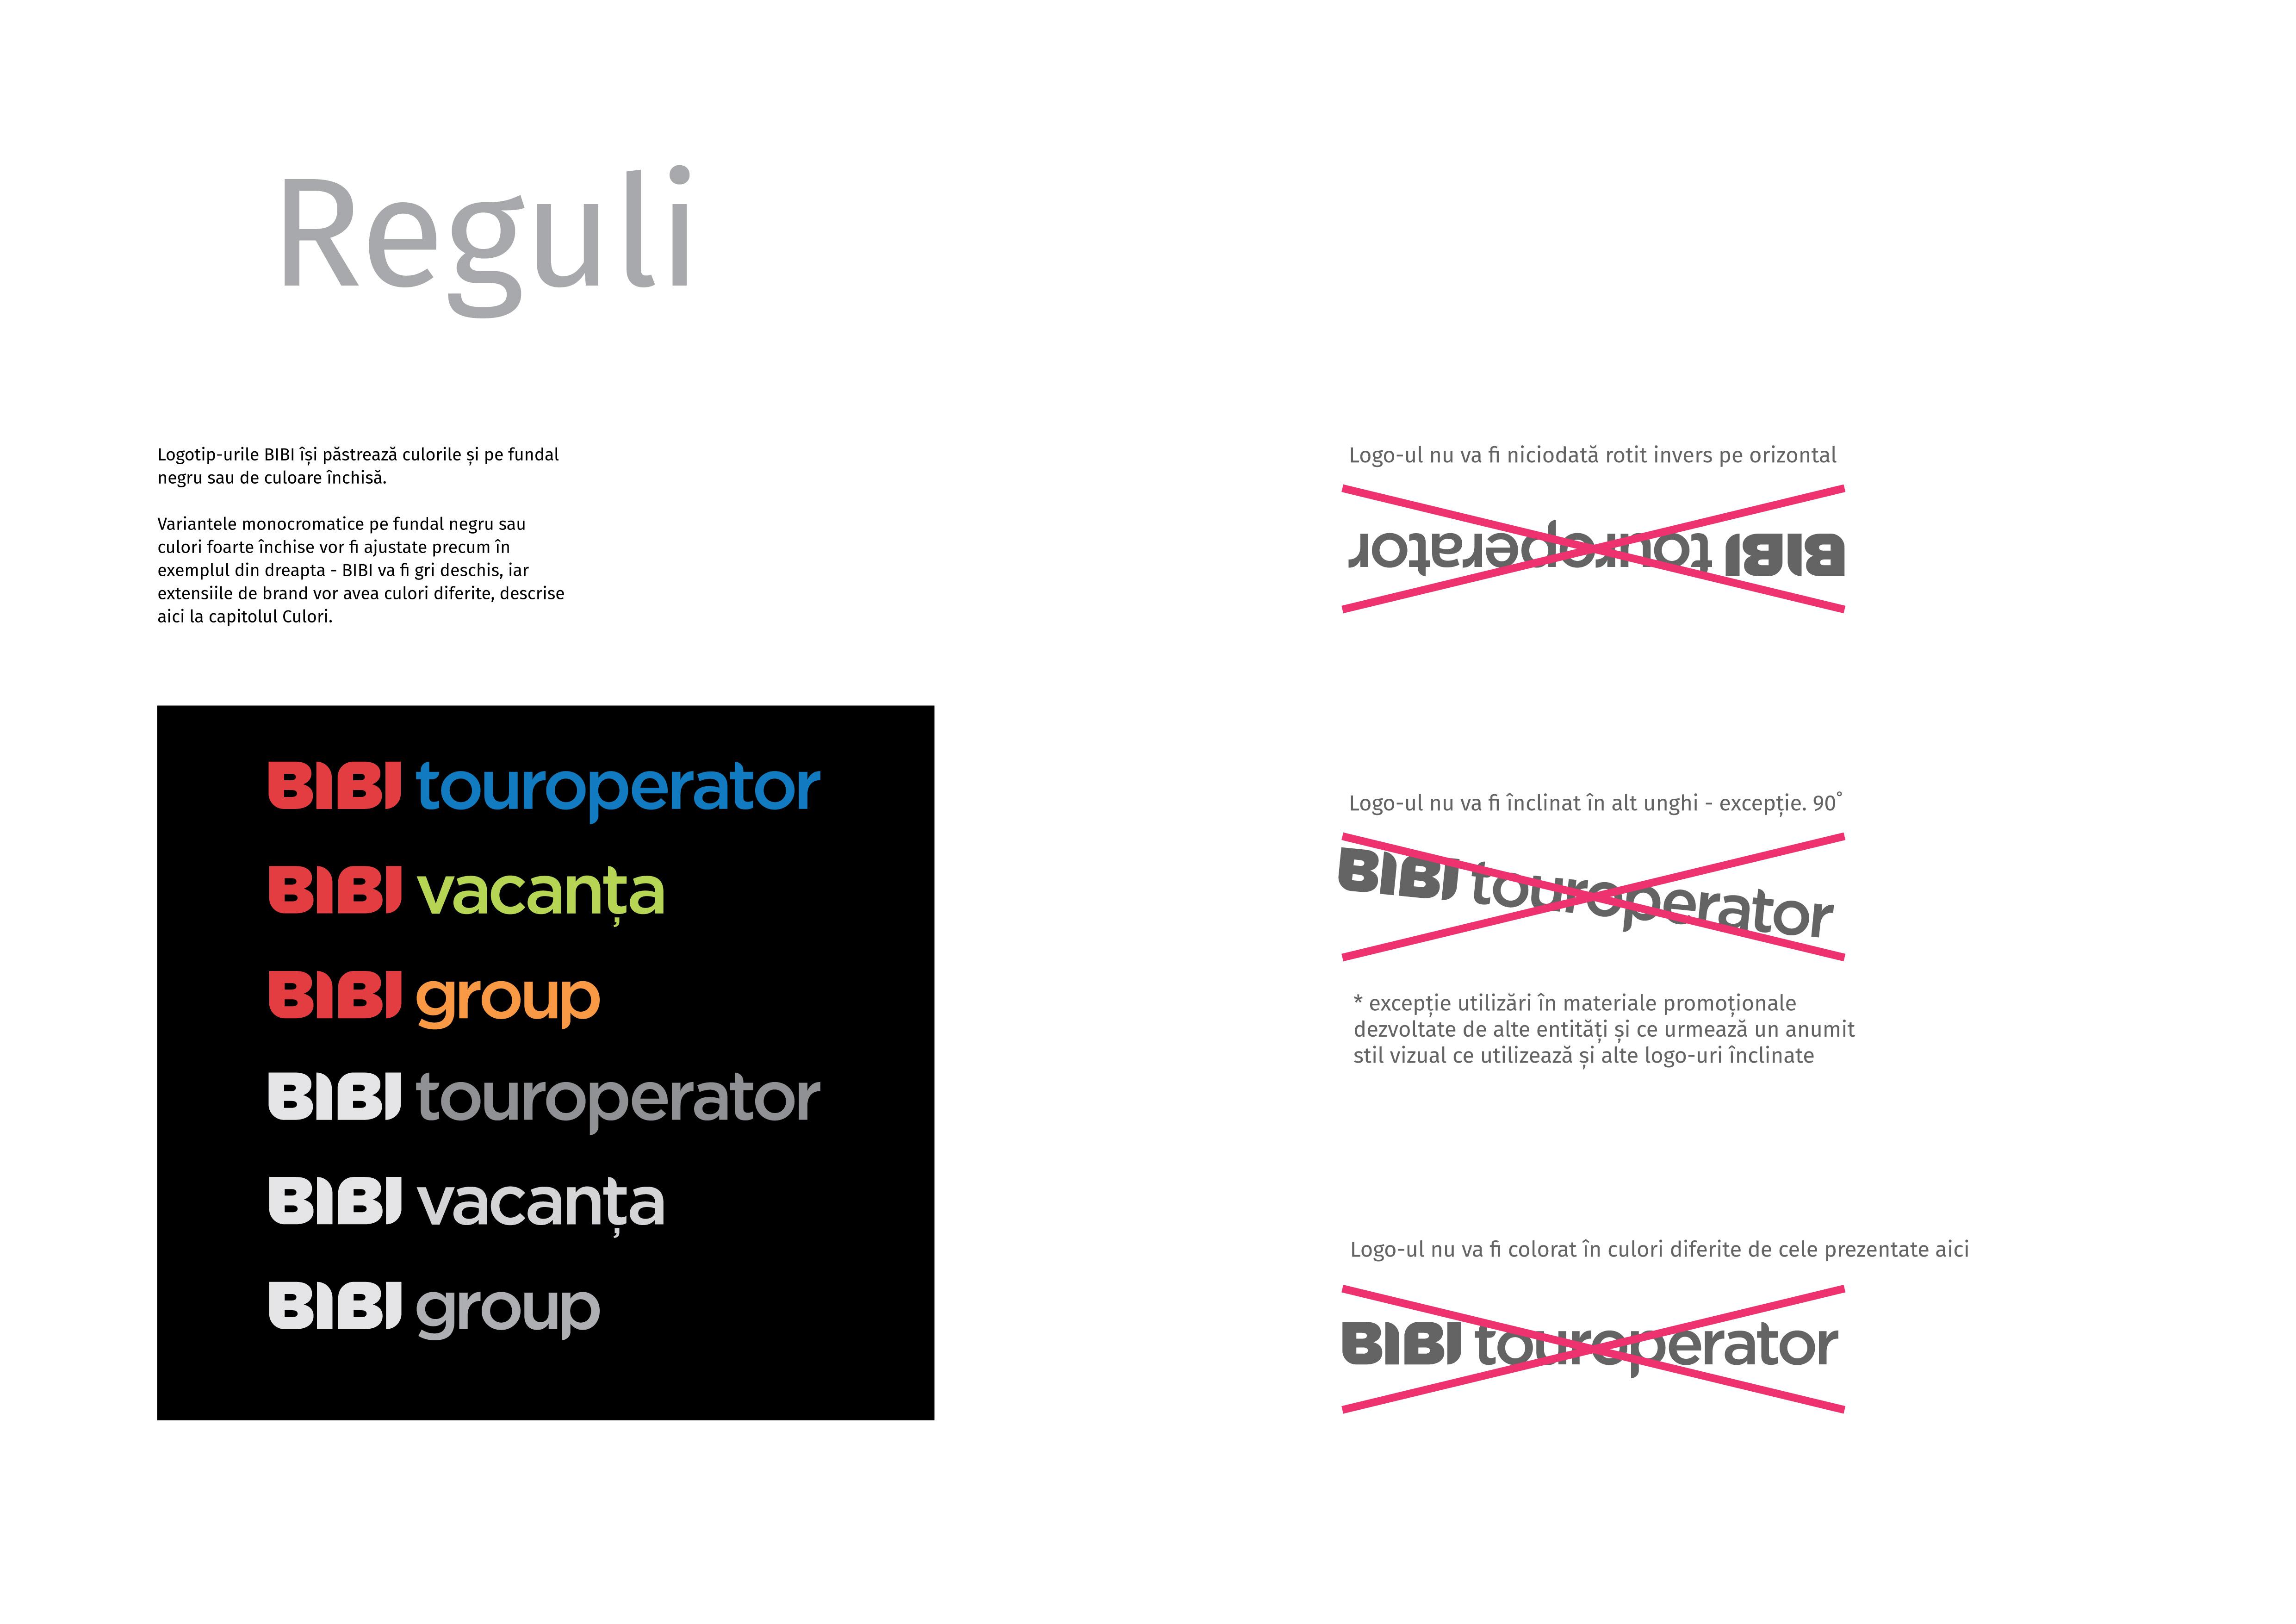 bibi-touroperator-rebranding-07